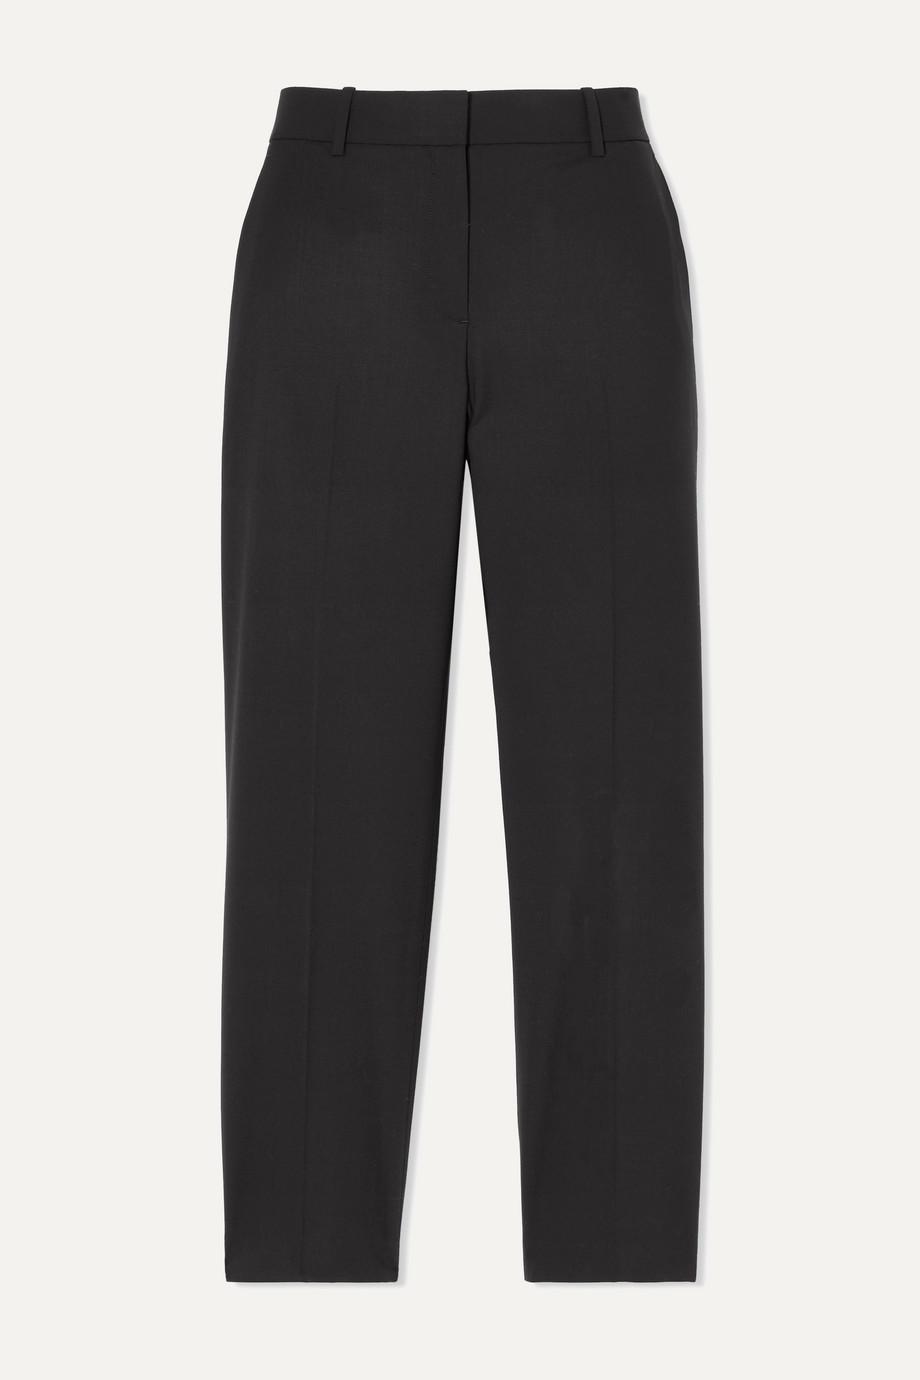 Theory Pantalon slim raccourci en laine stretch Treeca 2